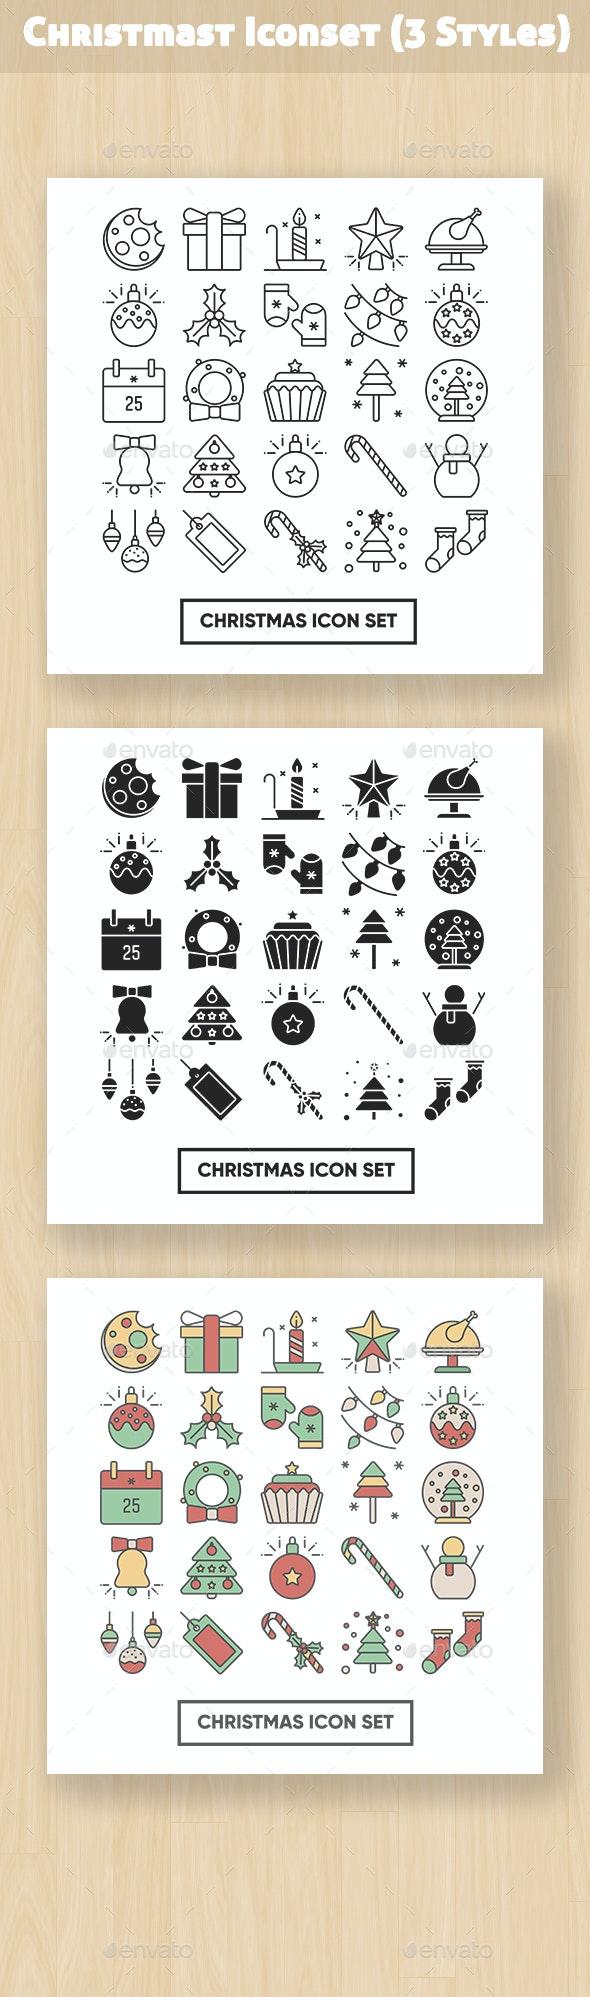 Christmas Iconset - Seasonal Icons